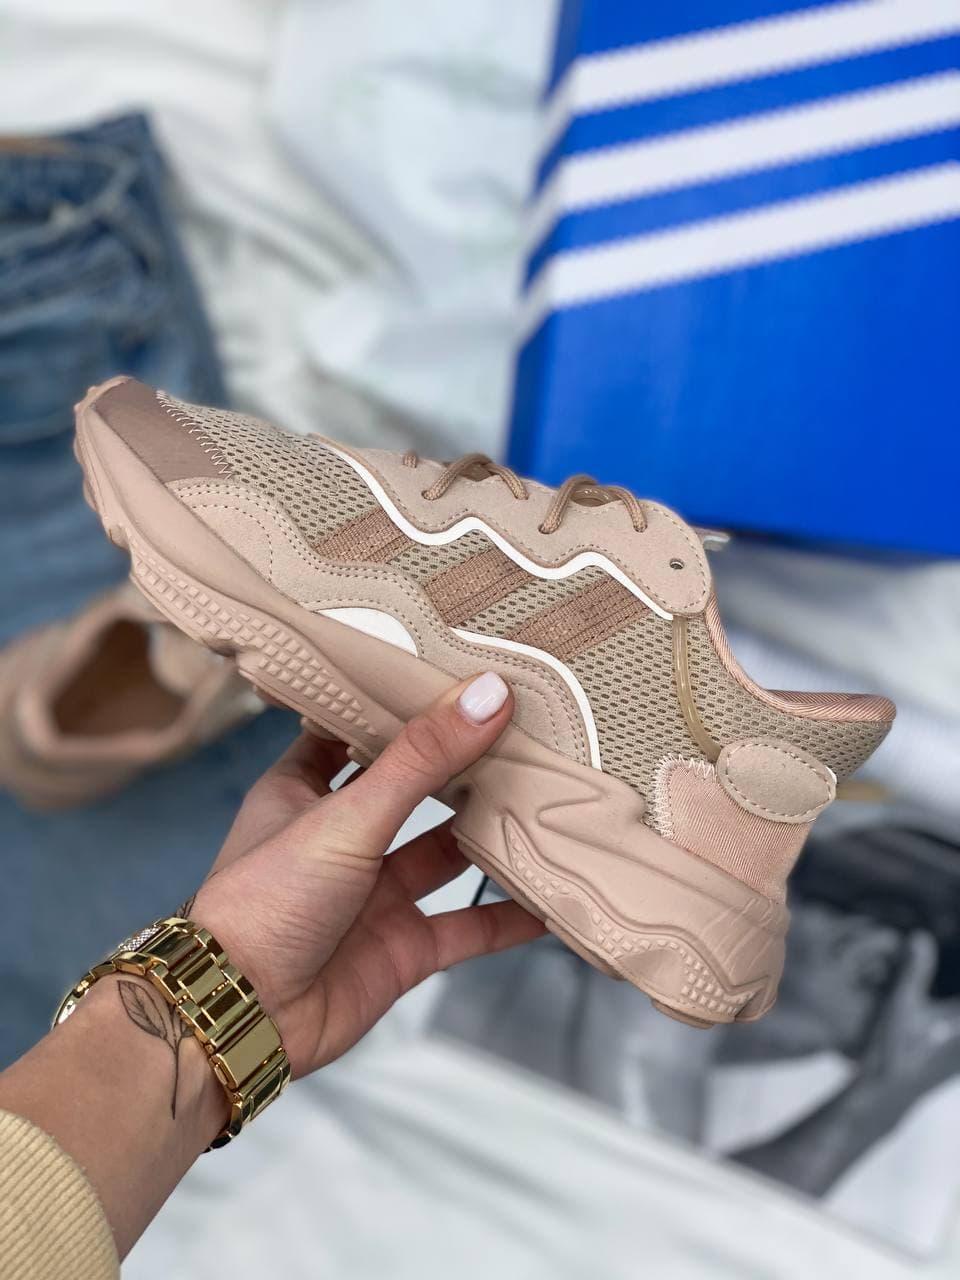 Женские кроссовки Adidas Ozweego (бежевые) AZ003 крутые молодежные кроссы